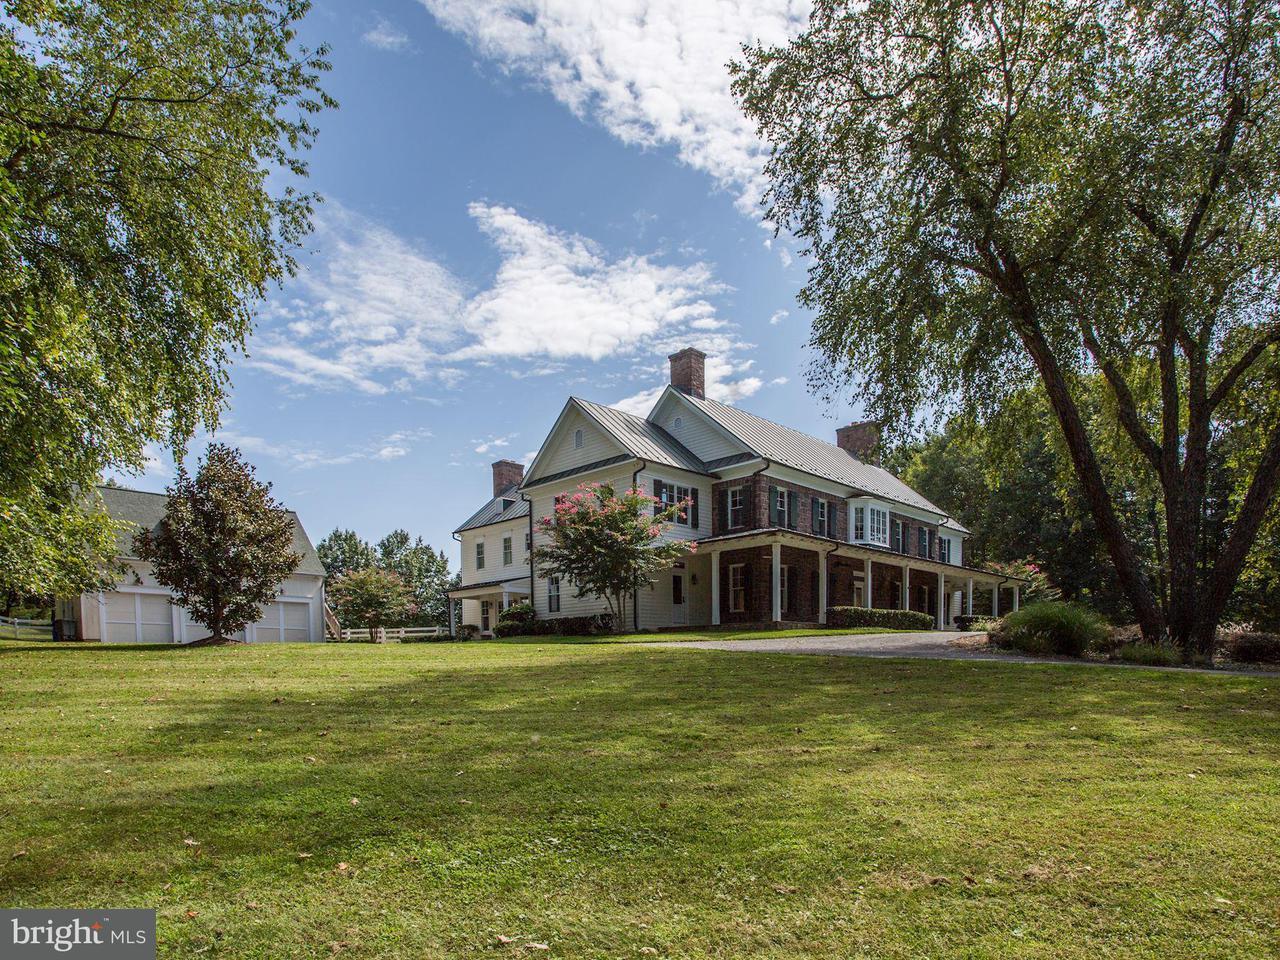 Частный односемейный дом для того Продажа на 13321 MANOR STONE Drive 13321 MANOR STONE Drive Darnestown, Мэриленд 20874 Соединенные Штаты